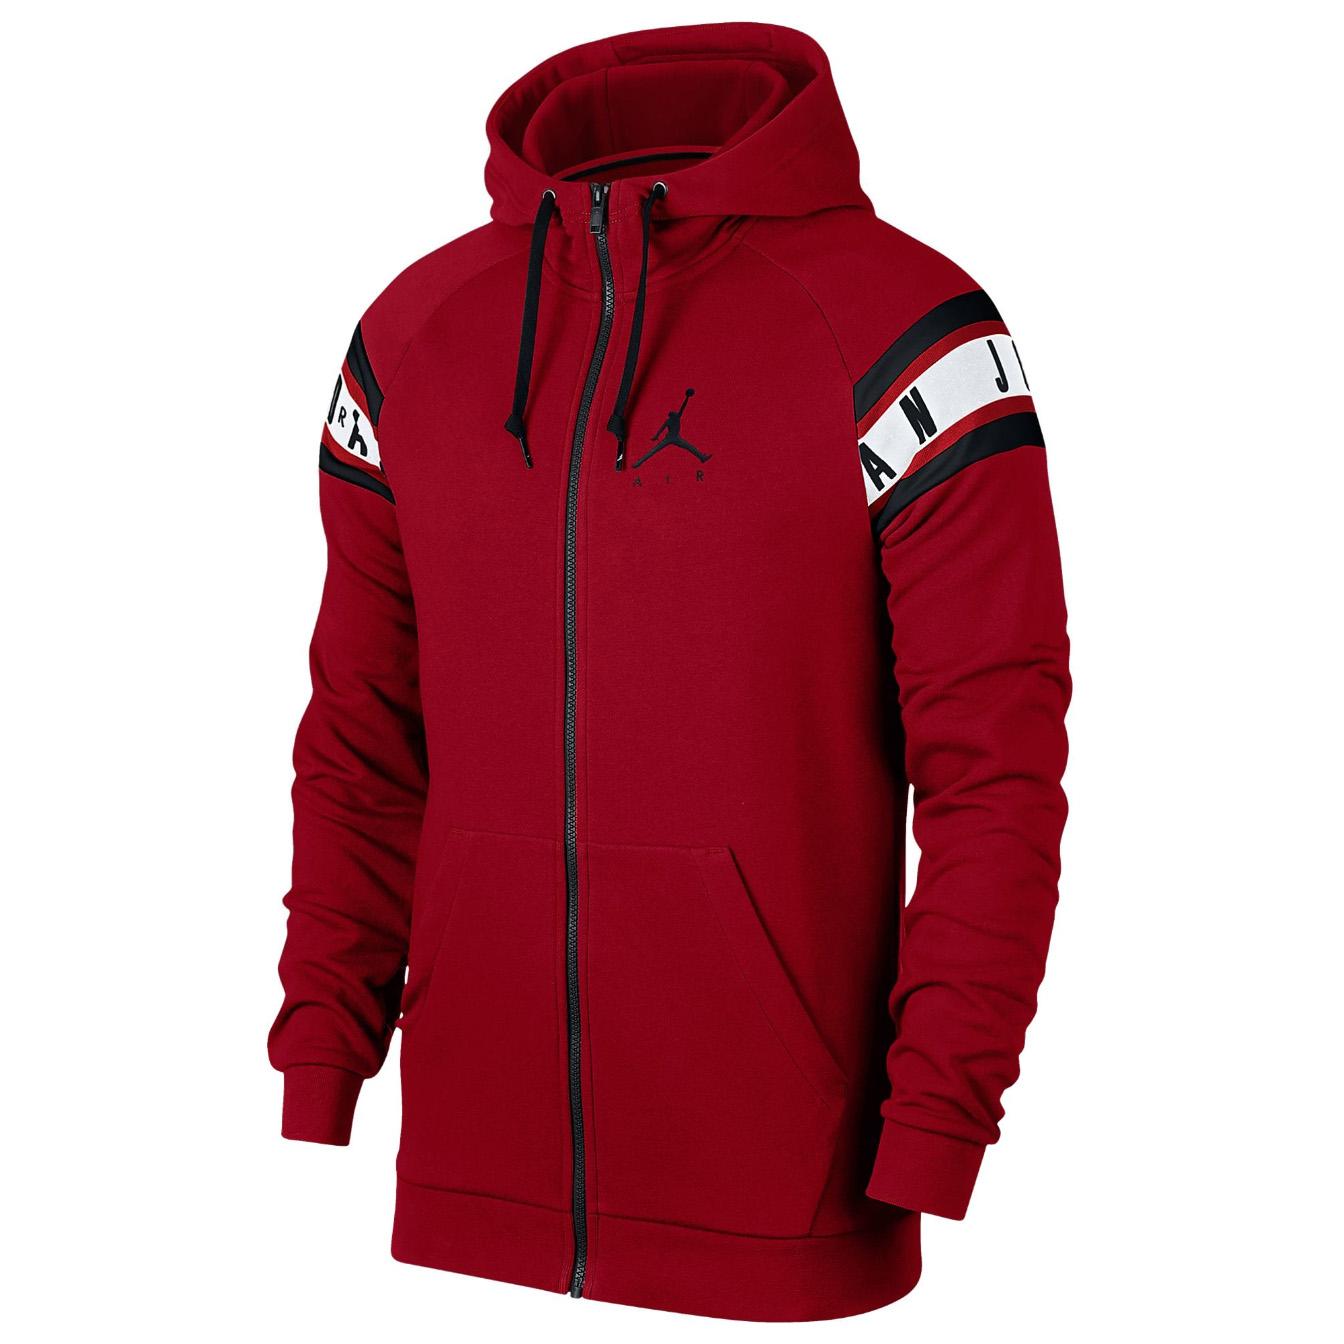 18c6e0b2e9f43c Details about JORDAN Jumpman Air HBR Full-Zip Hoodie Sweatshirt Sweat Shirt  jumper fleece